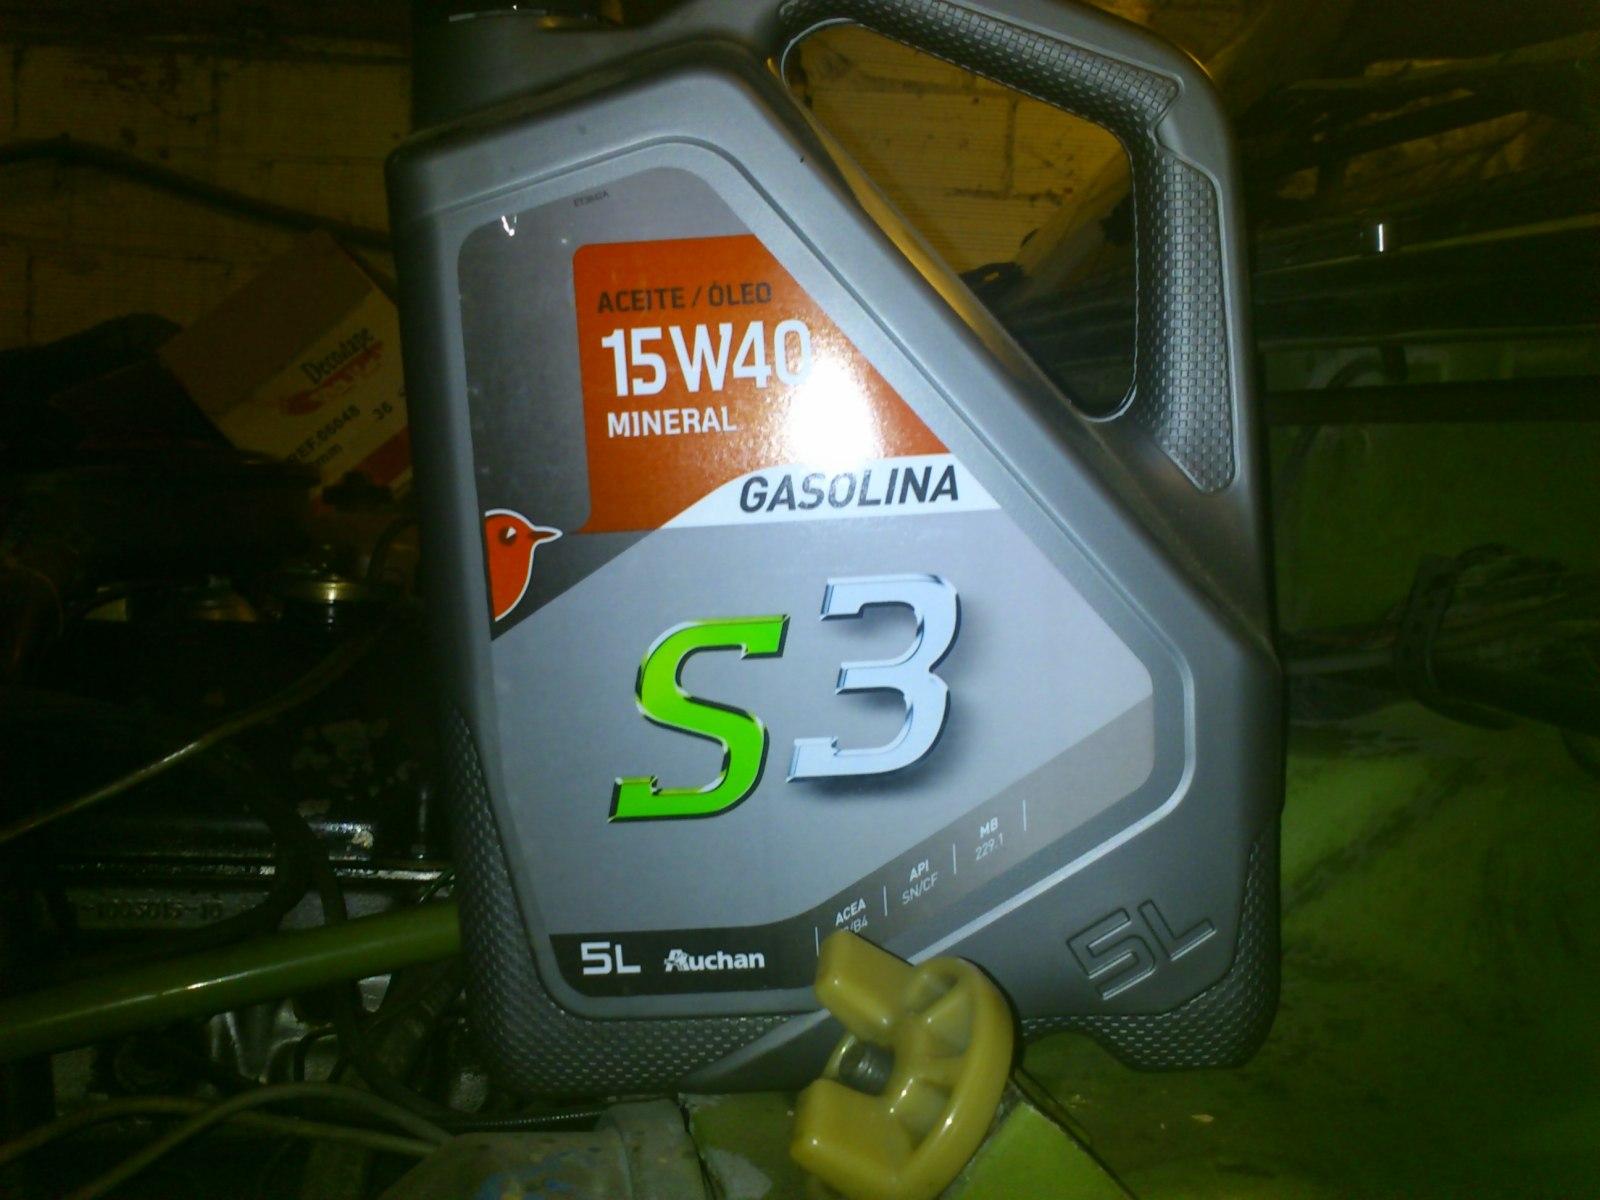 Limpieza del motor facil y nuevo aceite ( recomendado para niva 1600/1700) 348pwg7